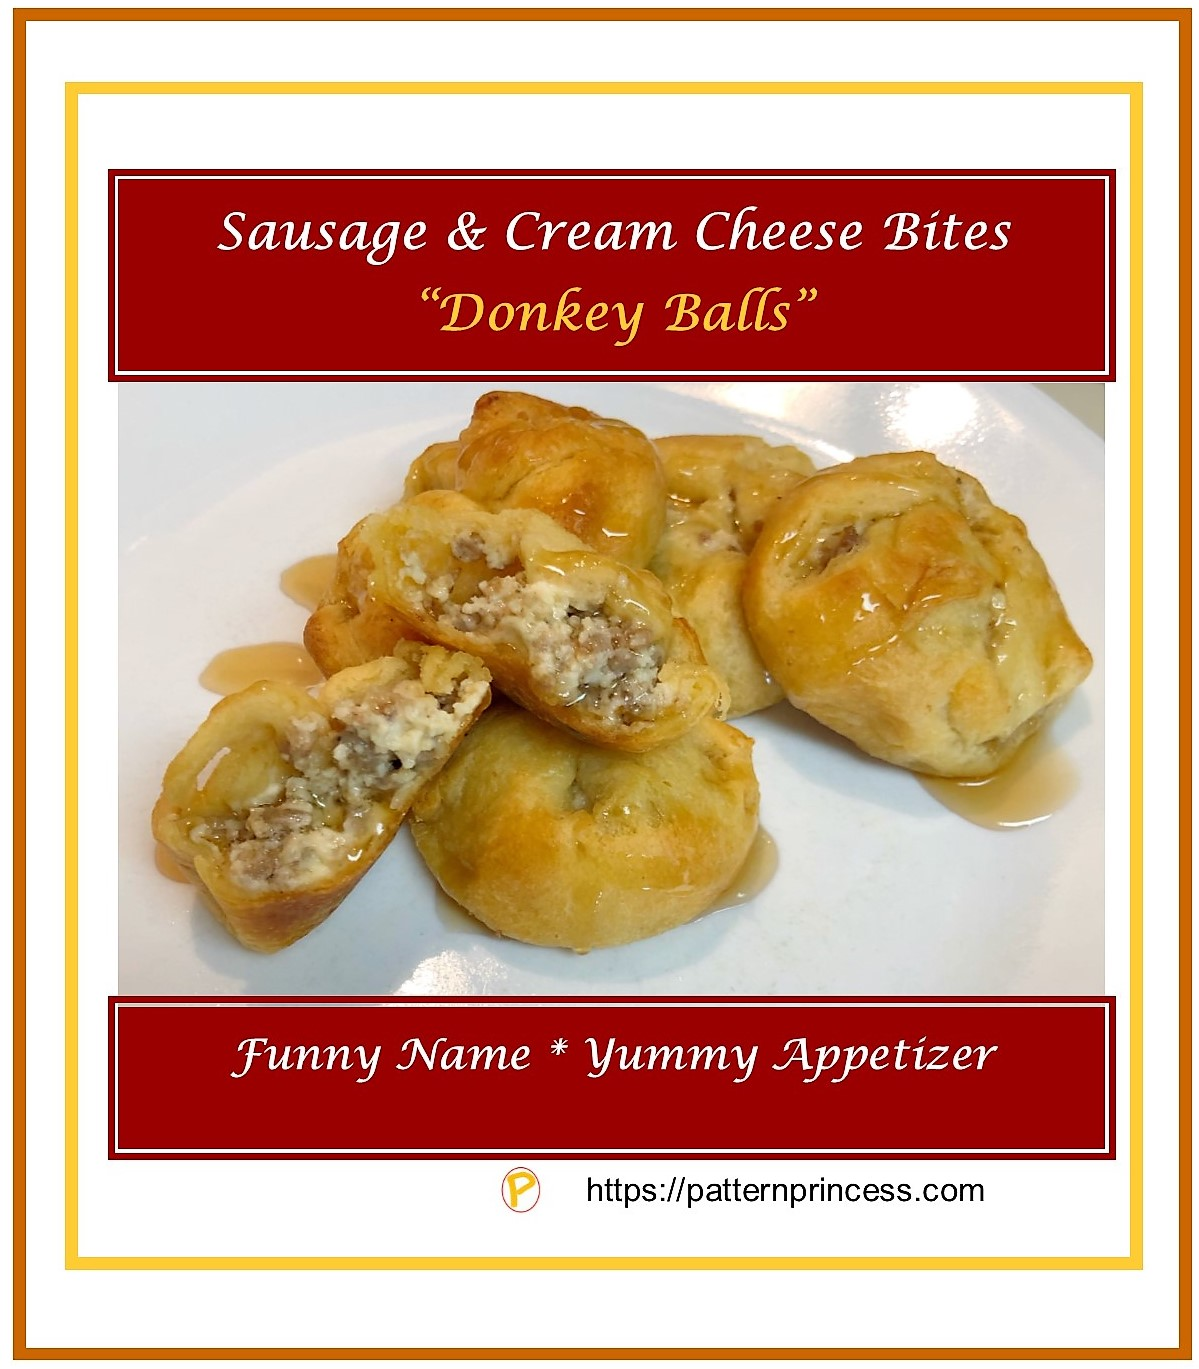 Sausage and Cream Cheese Bites - Donkey Balls 1